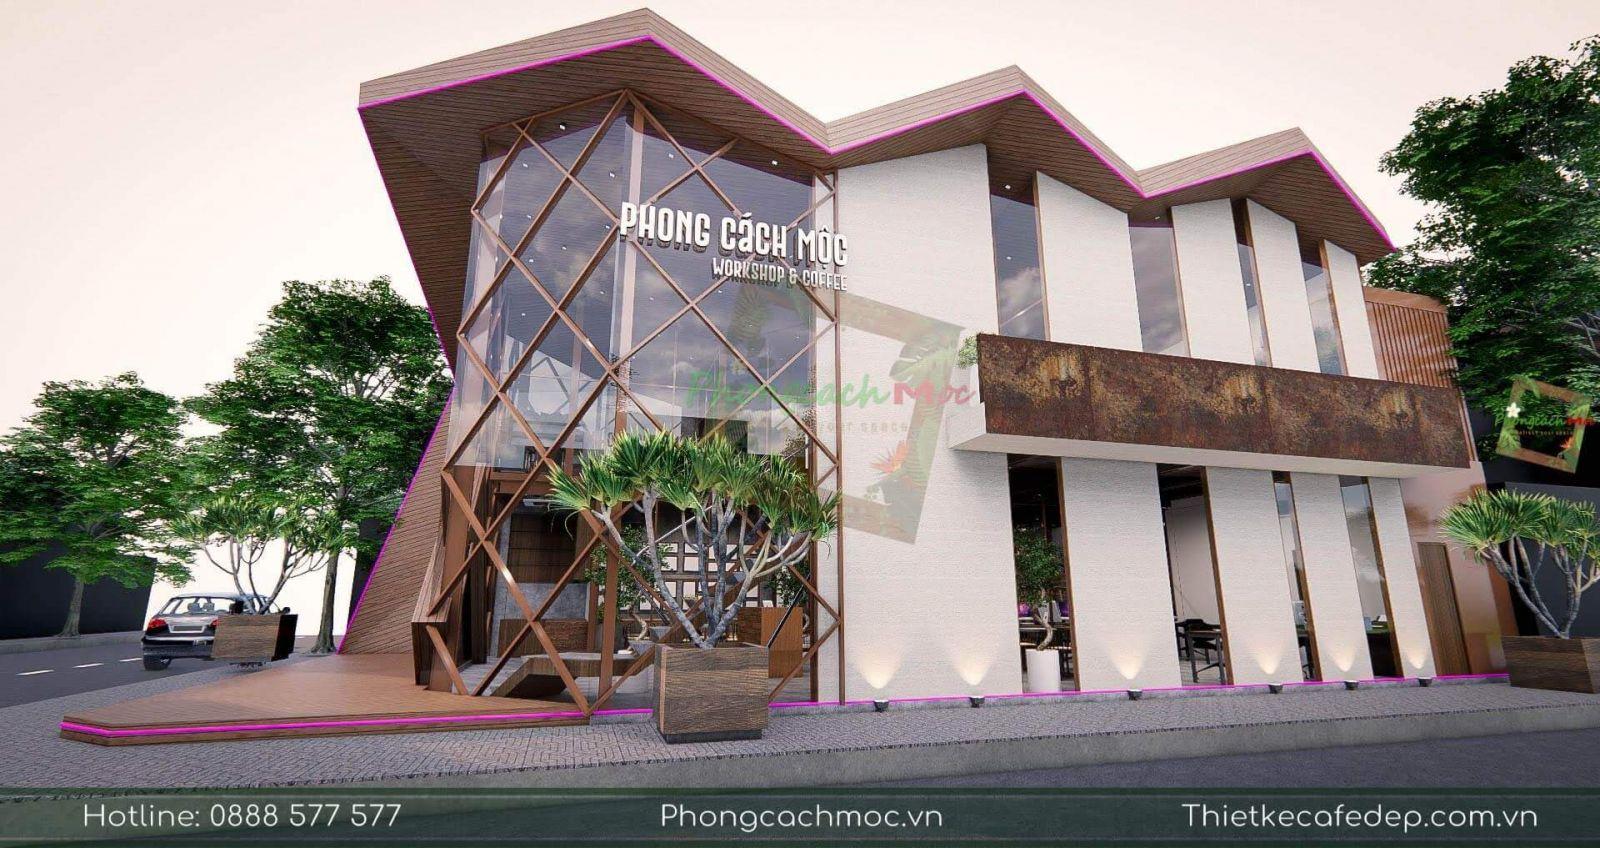 thiết kế dự án văn phòng pcm tại quận 2